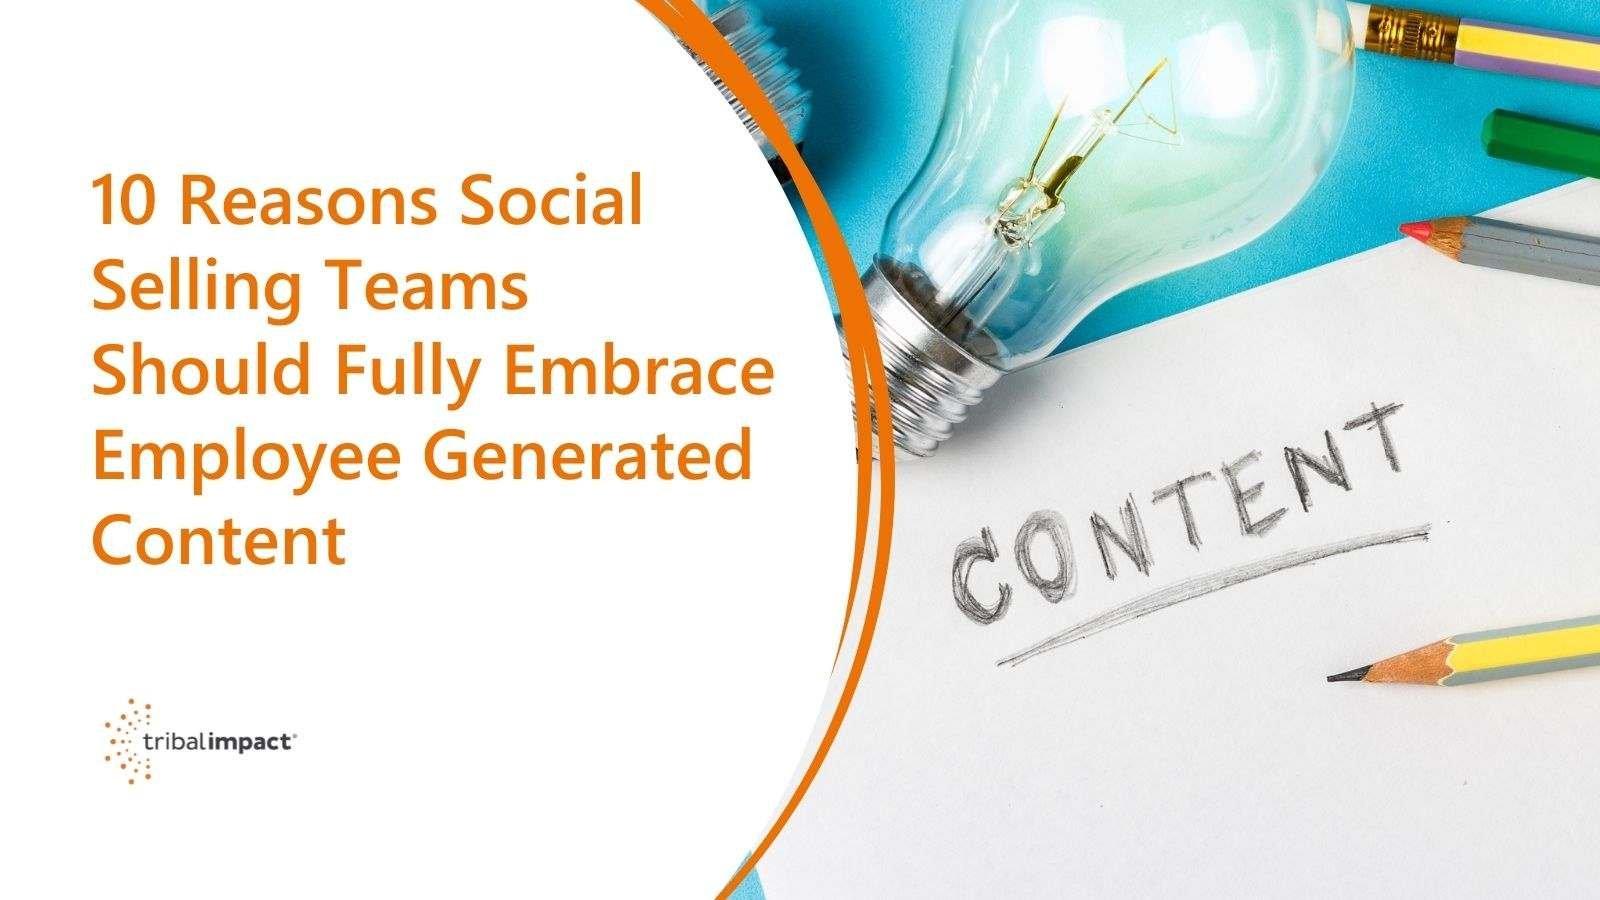 10 raisons pour lesquelles les équipes de vente sociale devraient adopter pleinement le contenu généré par les employés